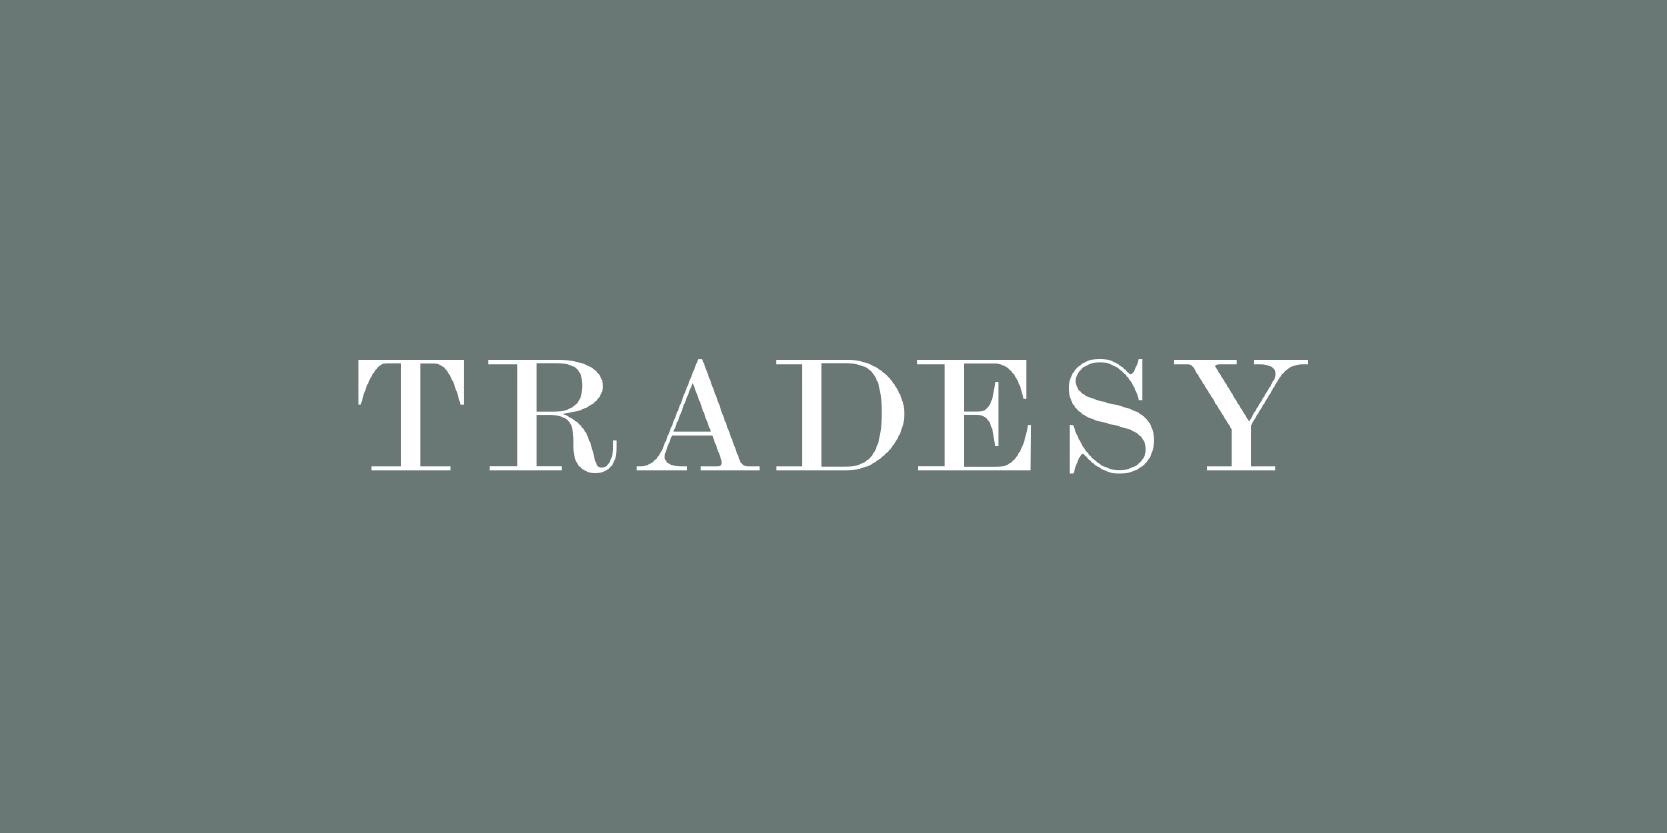 tradesy.png